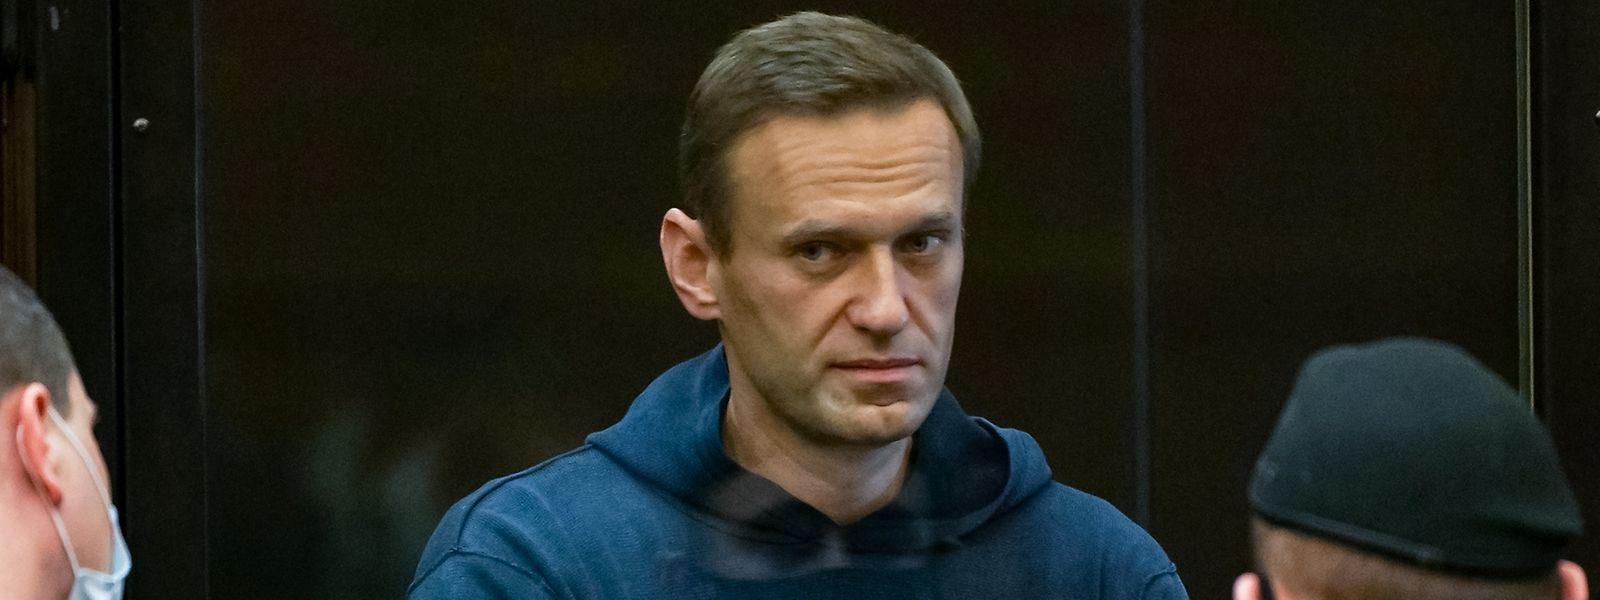 Der russische Oppositionspolitiker Alexej Nawalny wurde zu einer mehrjährigen Haftstrafe verurteilt.